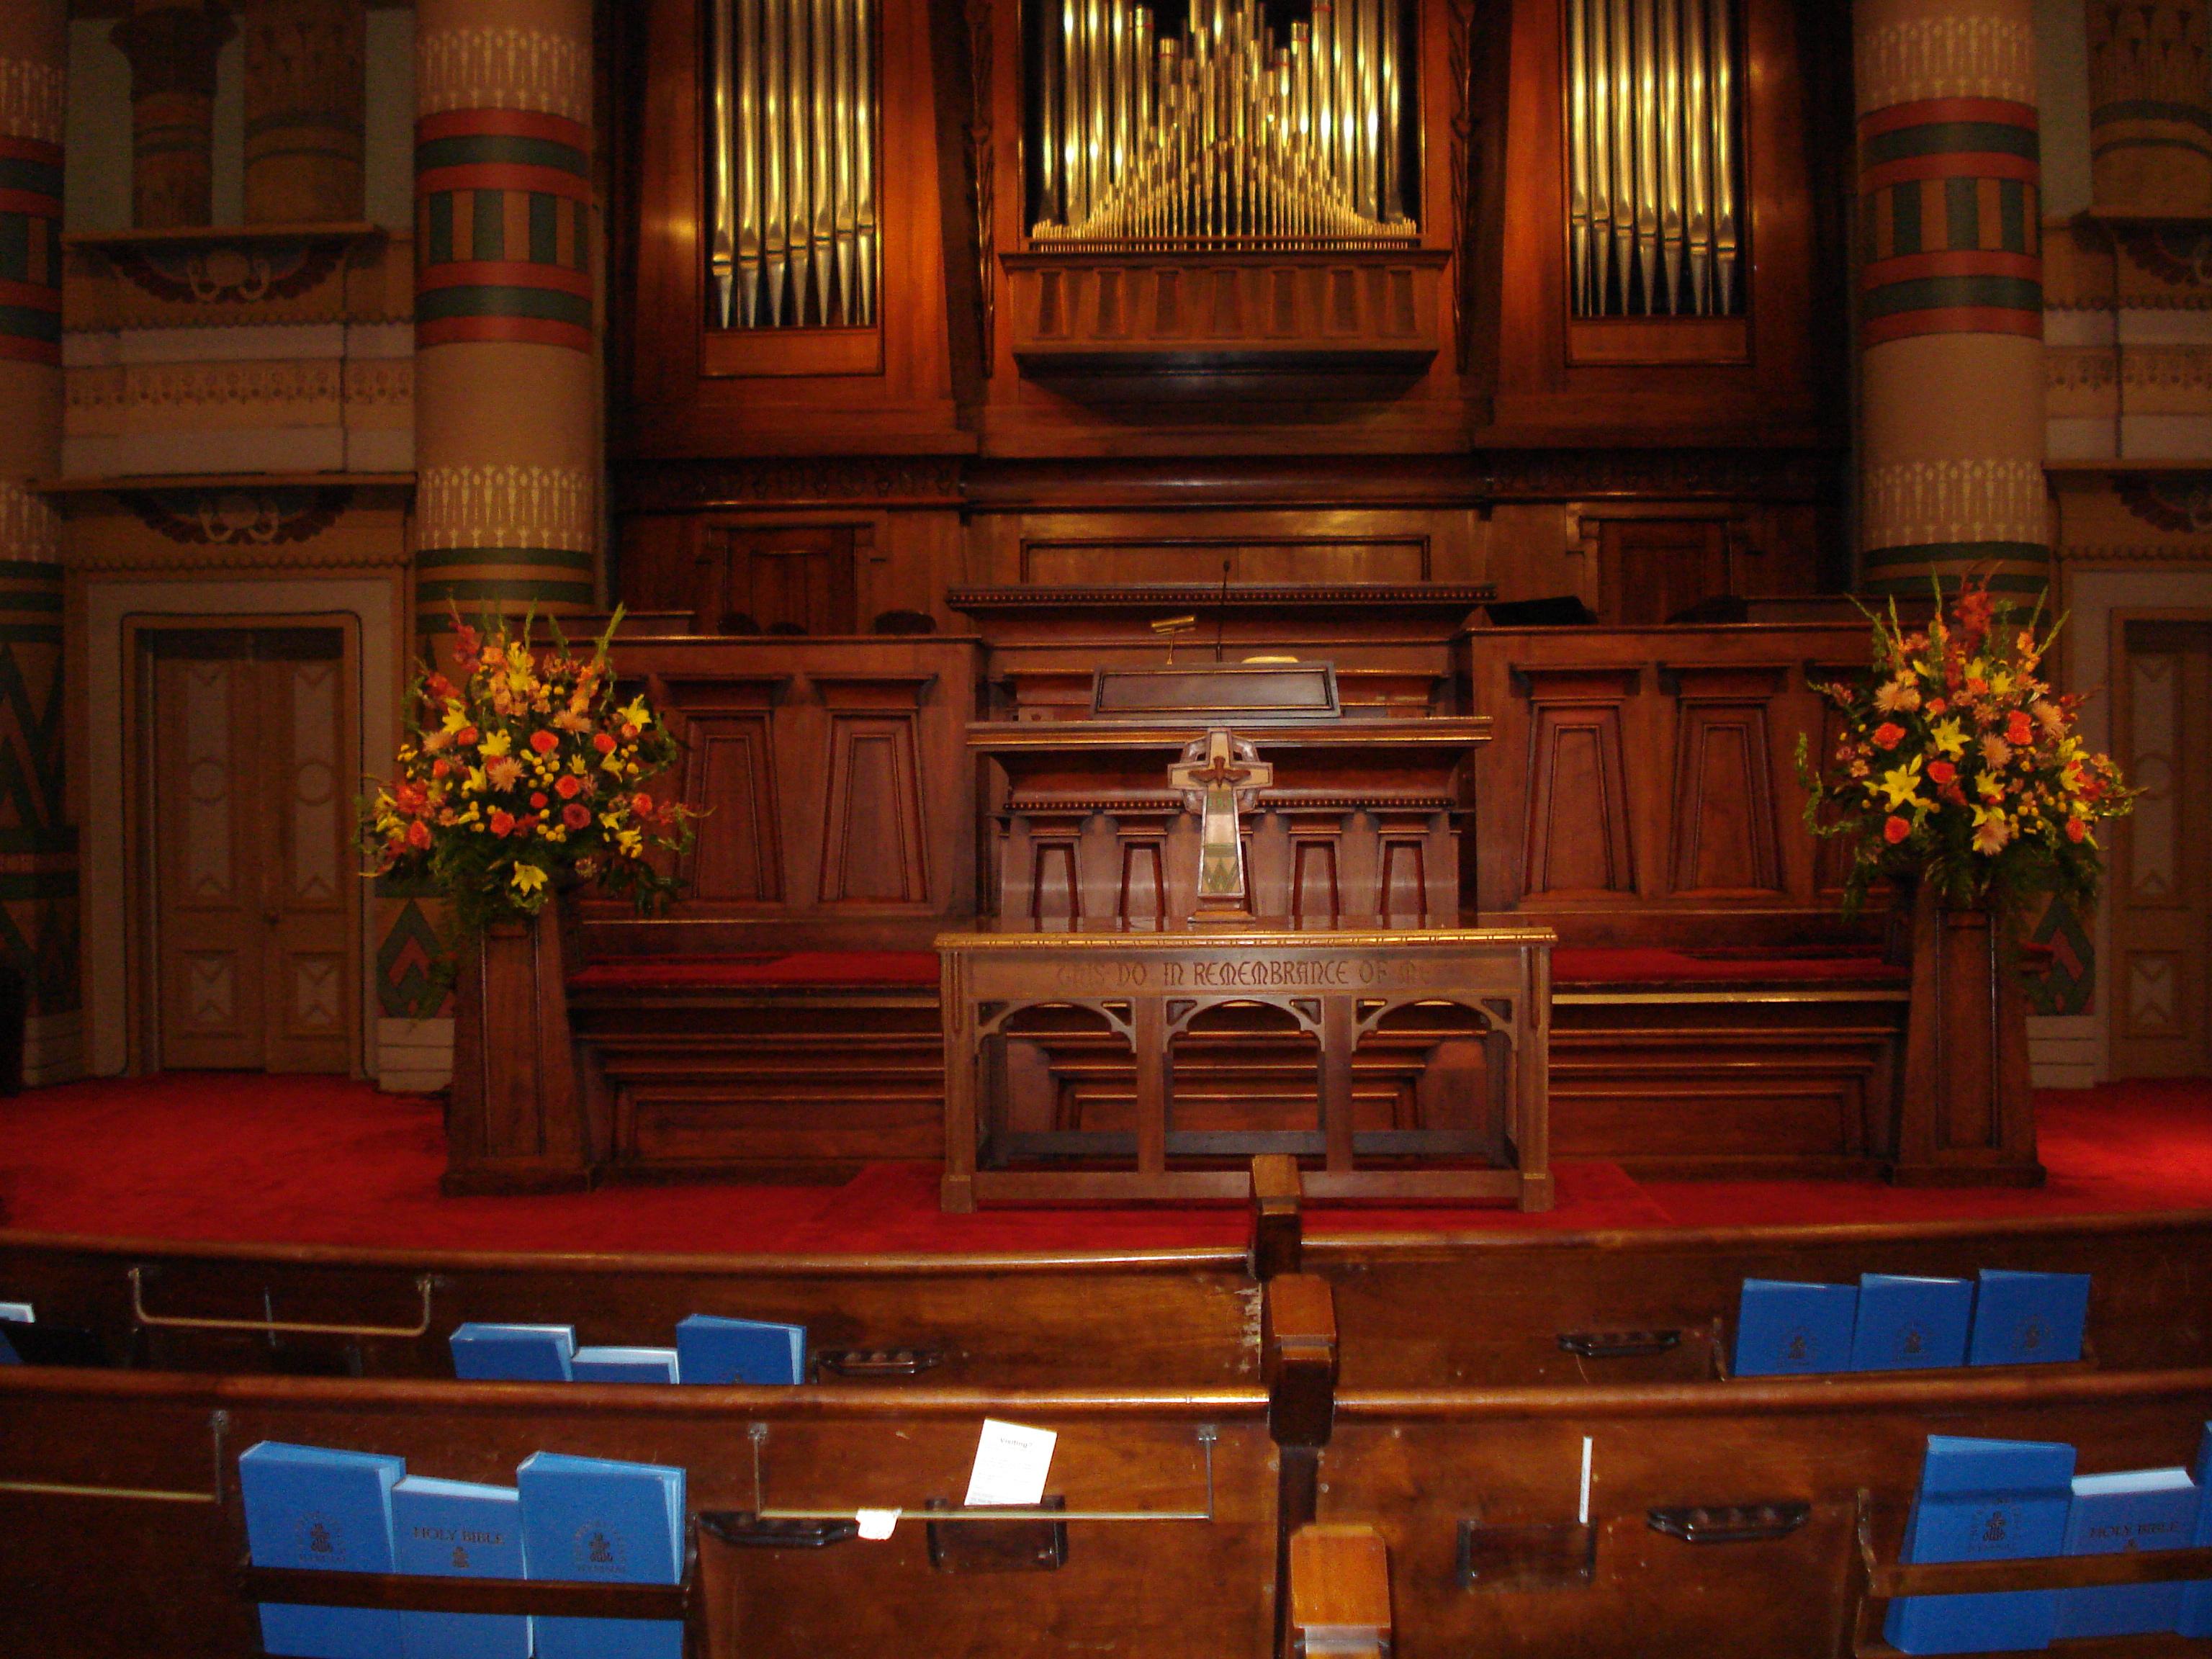 downtown presbyterian lenise chatman 9-29-2007008